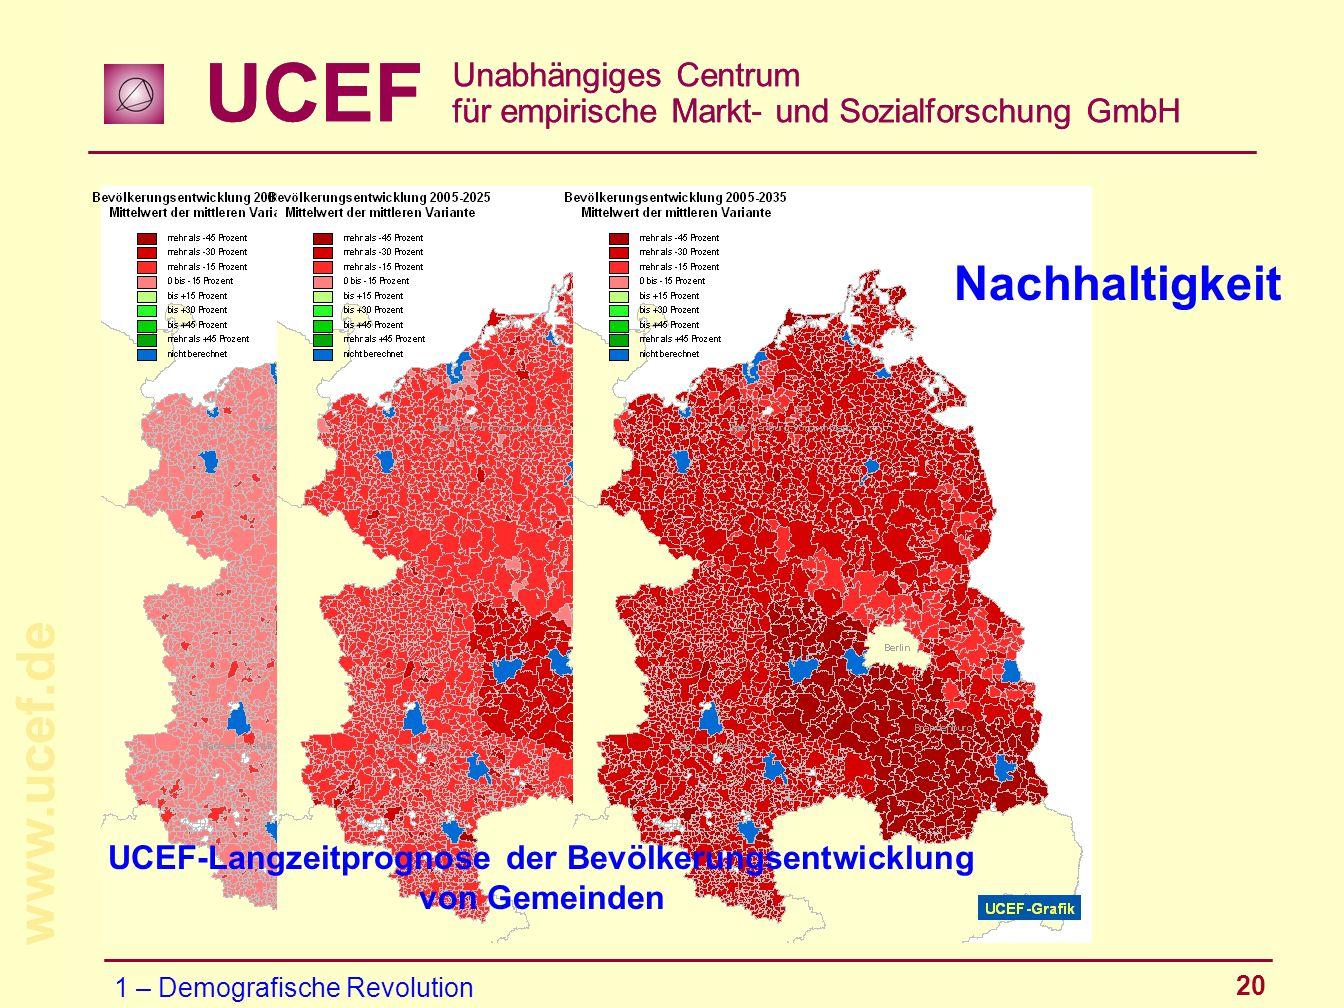 UCEF Unabhängiges Centrum für empirische Markt- und Sozialforschung GmbH www.ucef.de 20 UCEF Unabhängiges Centrum für empirische Markt- und Sozialfors